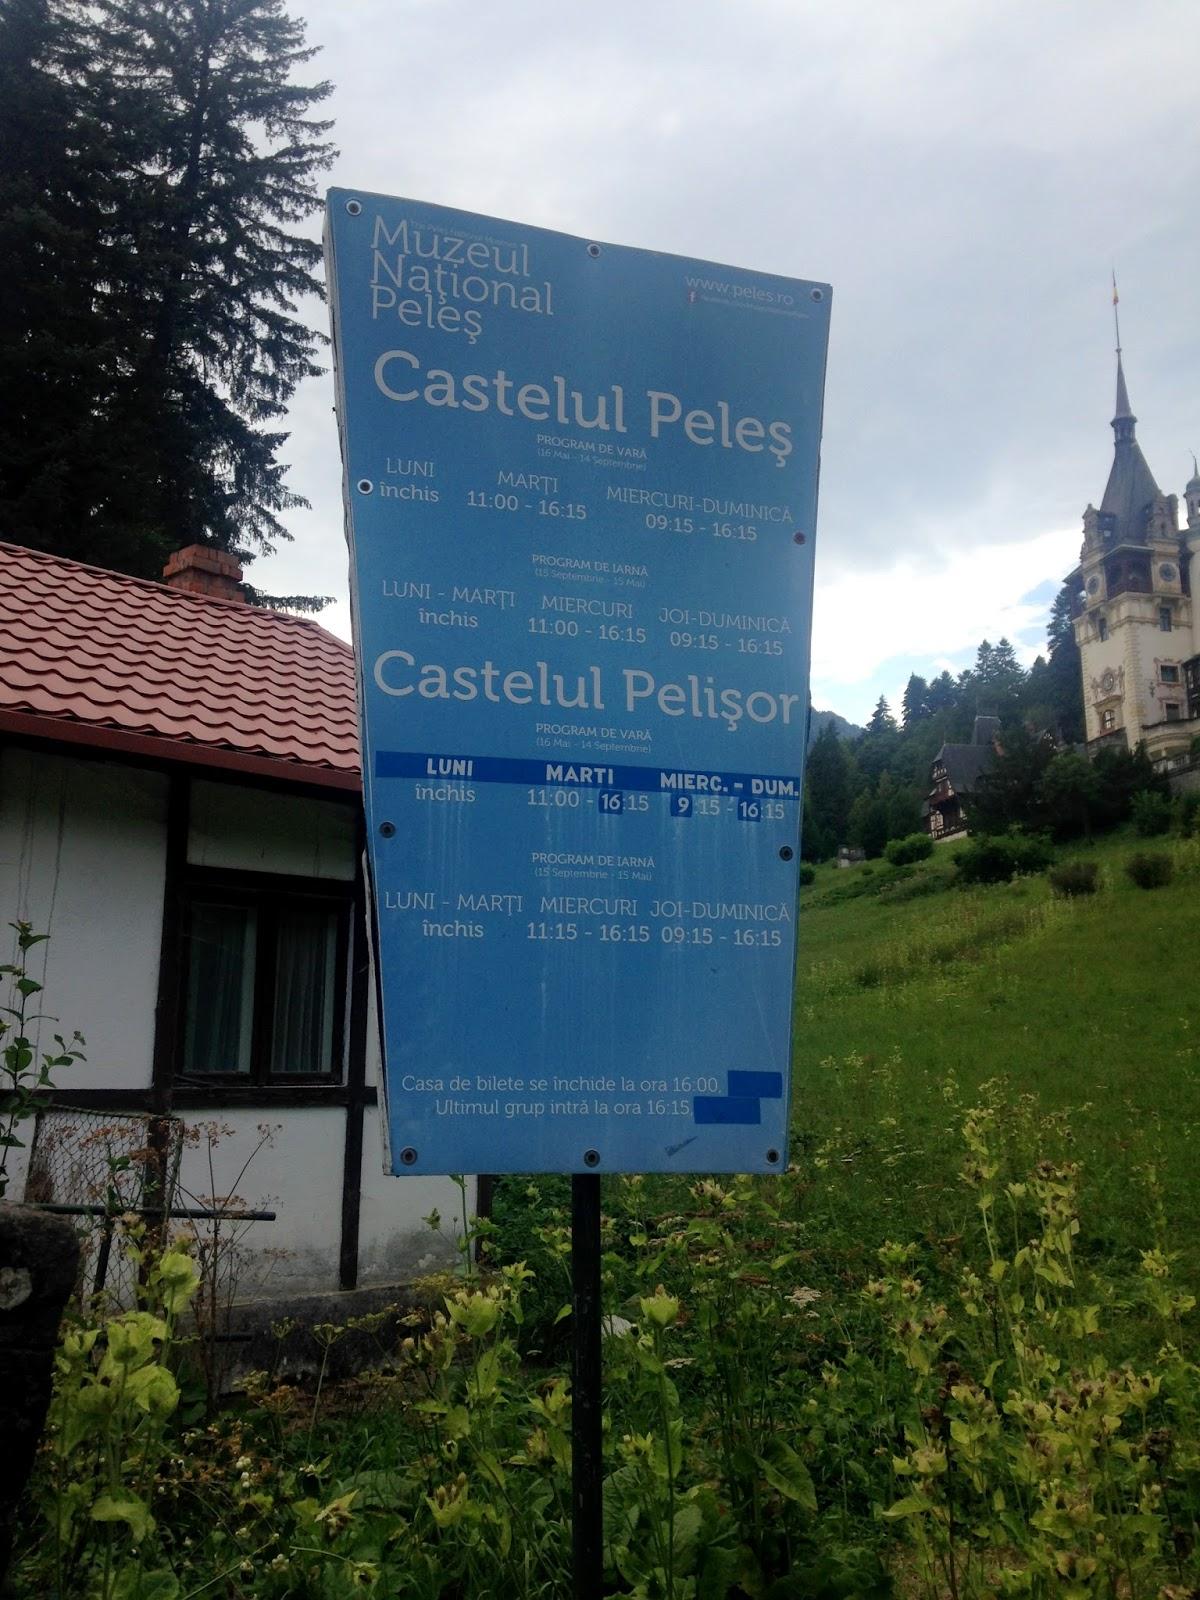 Godziny otwarcia pałac Peles